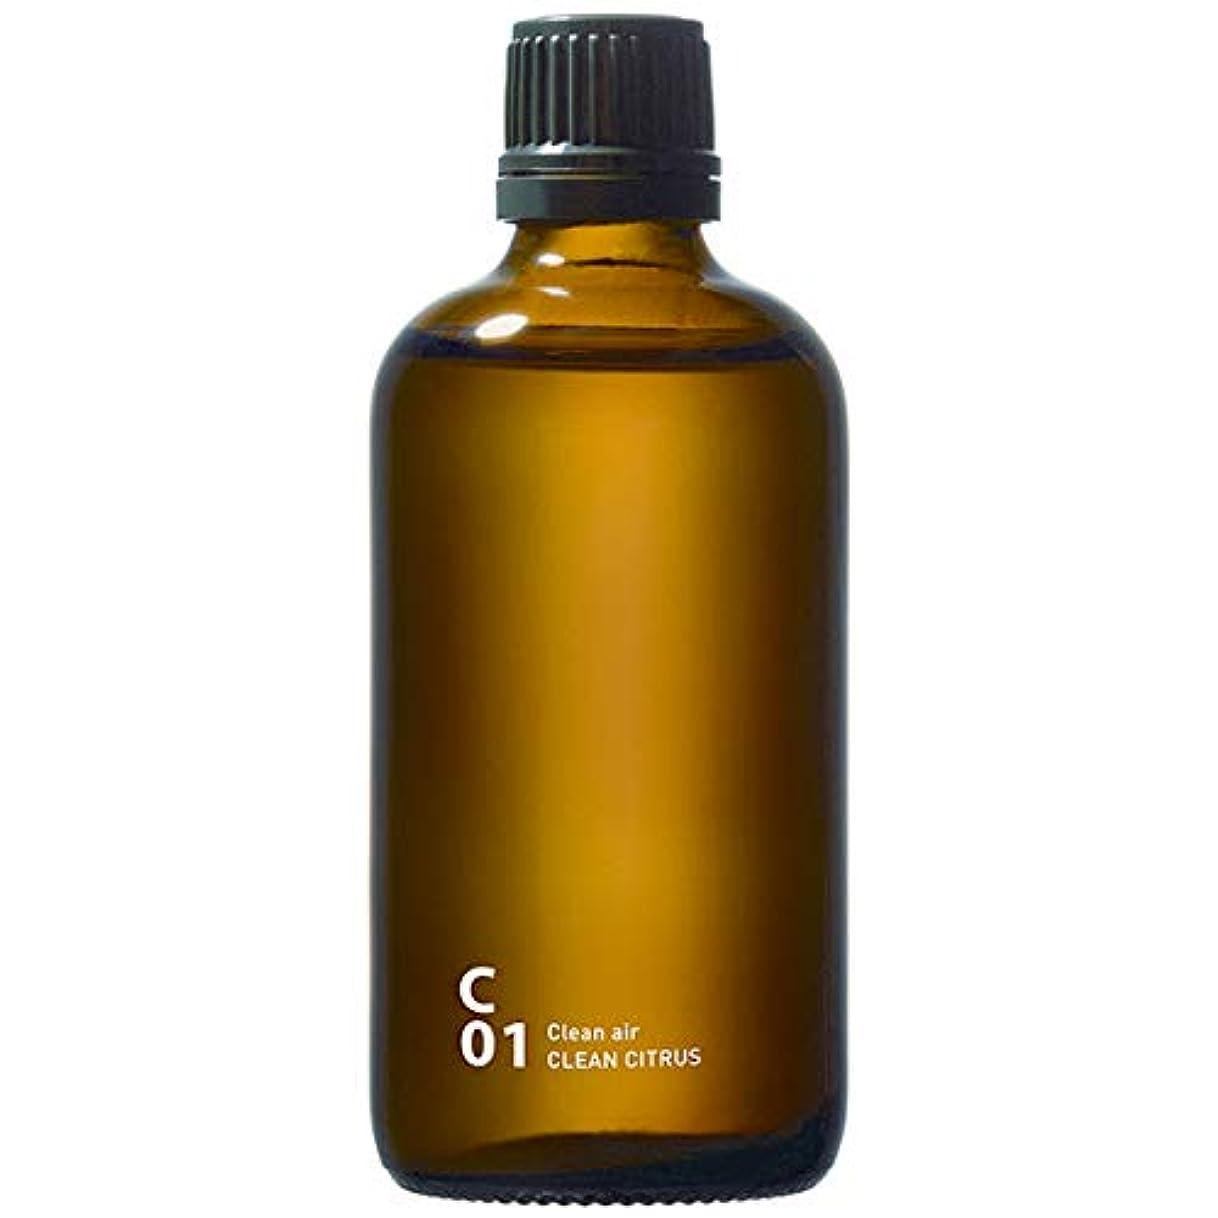 保証金ピクニック工業化するC01 CLEAN CITRUS piezo aroma oil 100ml